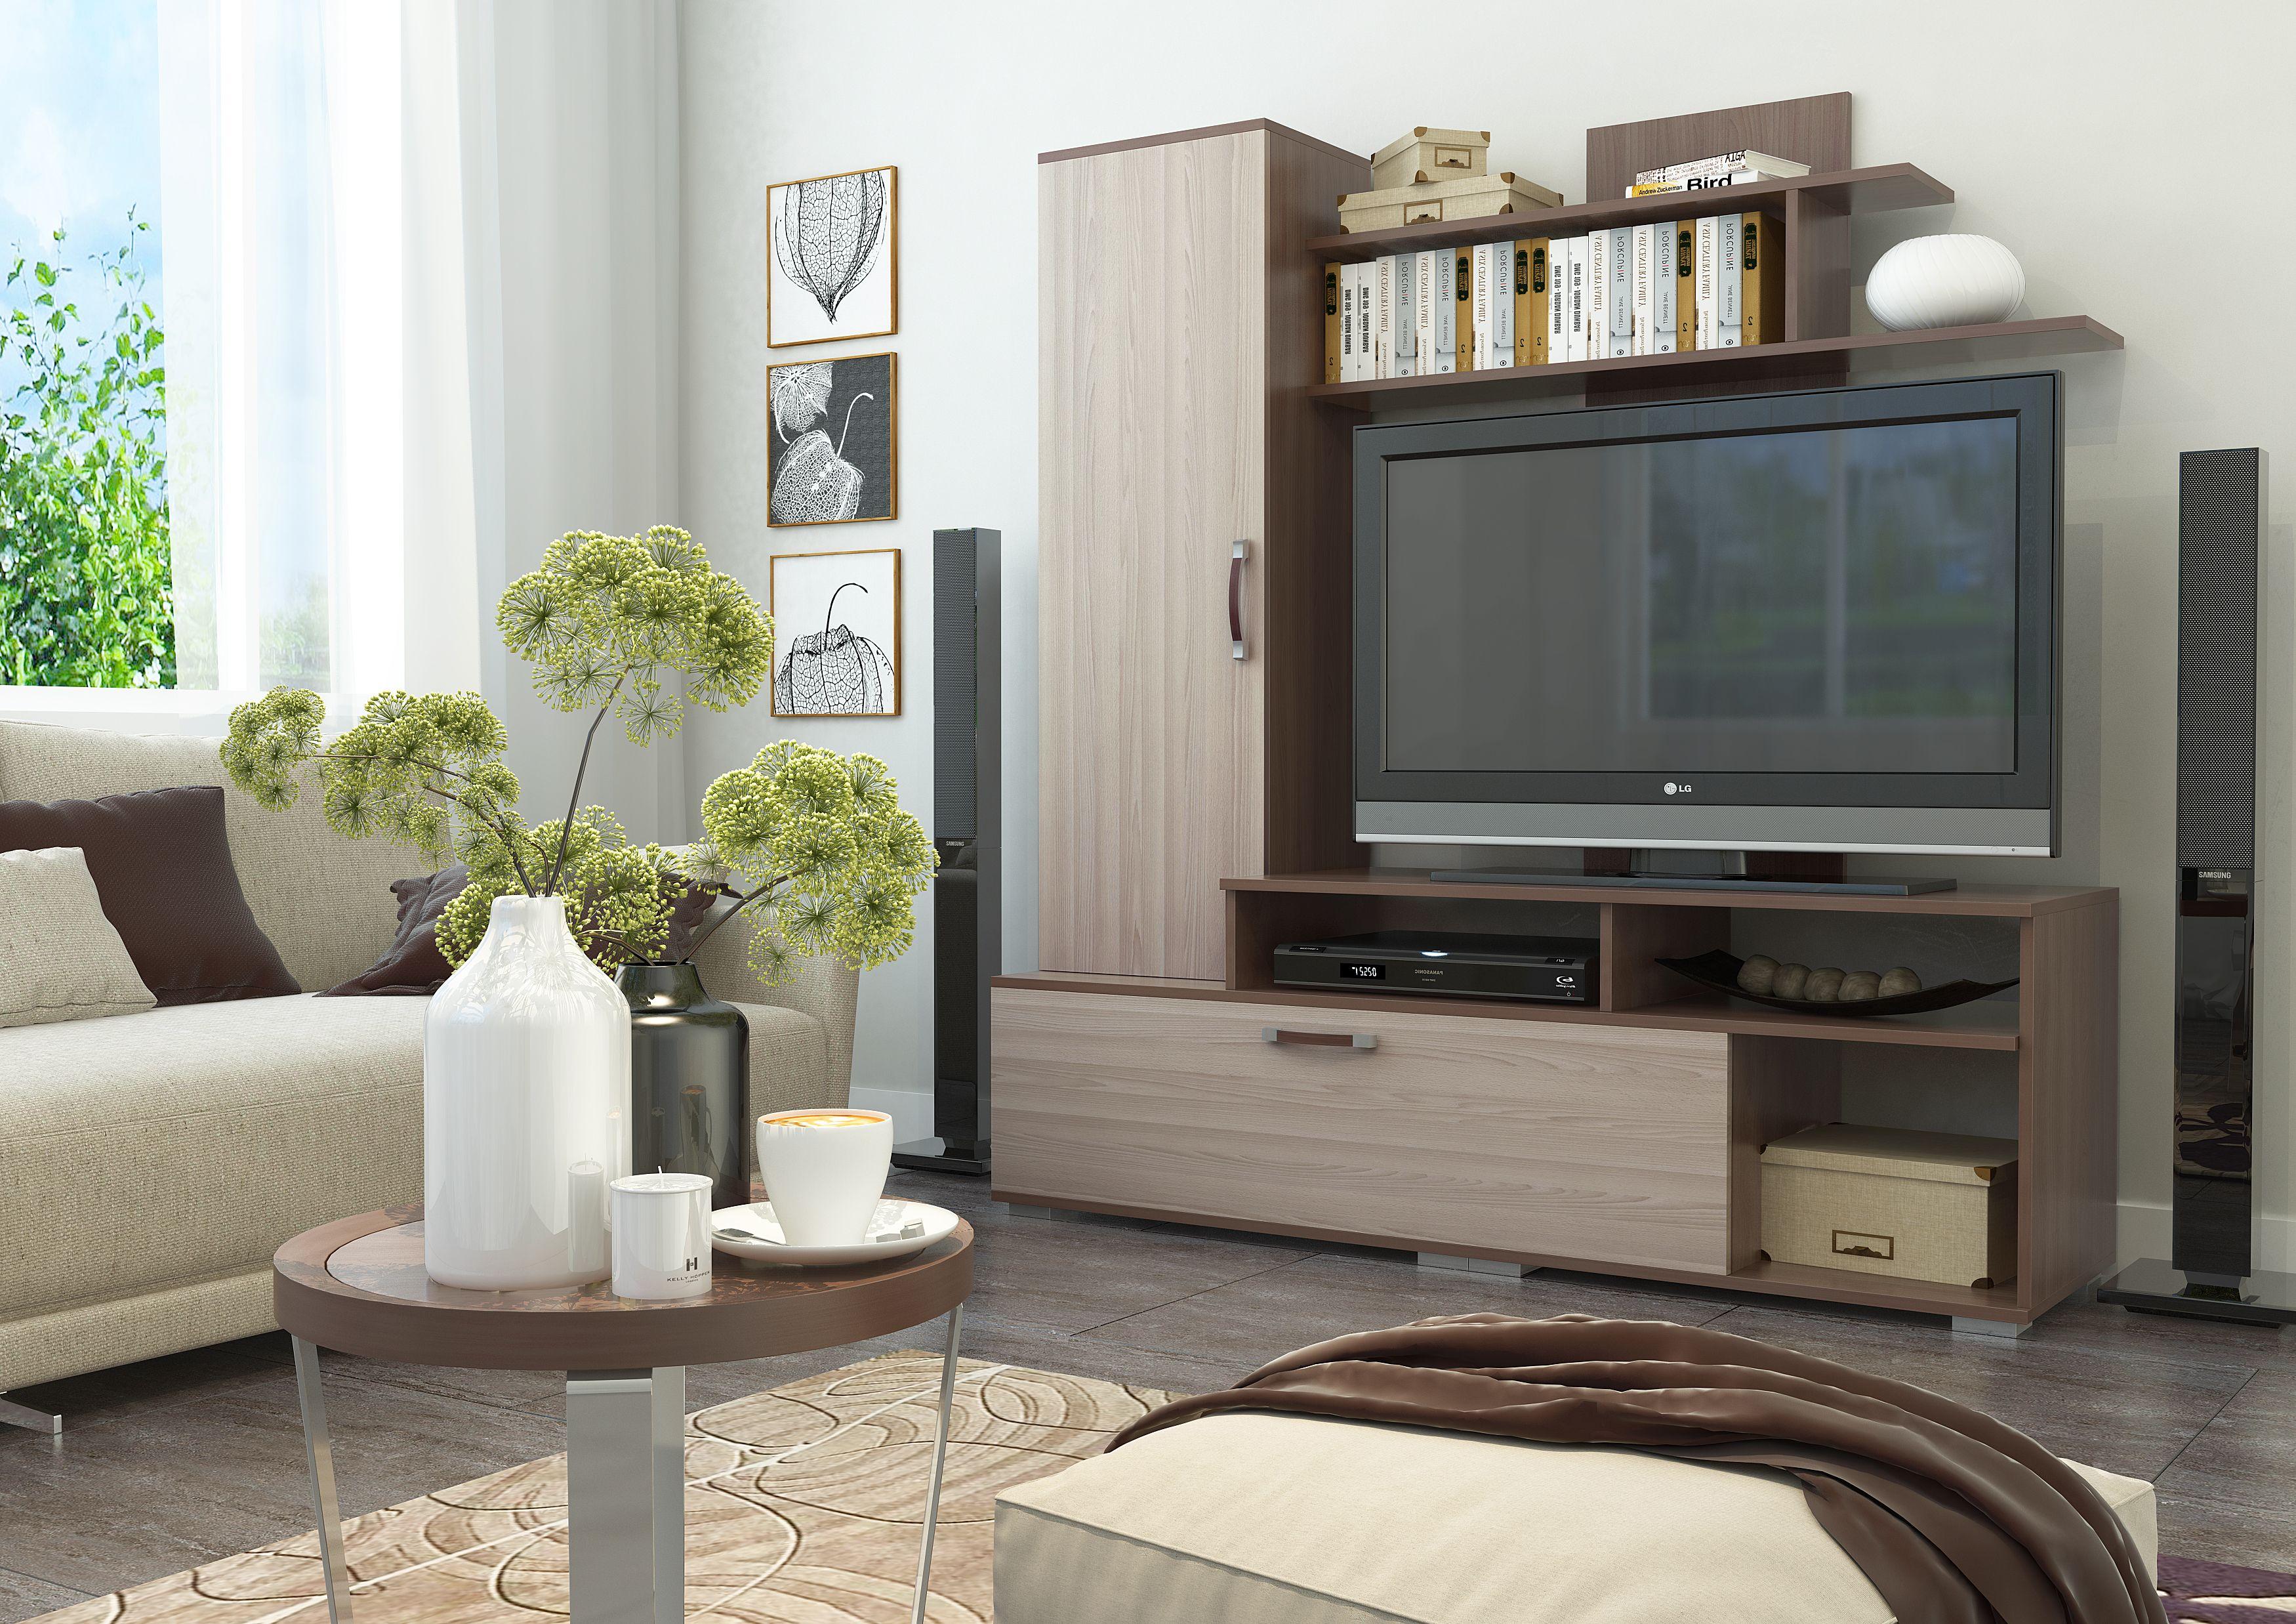 Купить стенку горку для гостиной - небольшие стенки недорого в СПб